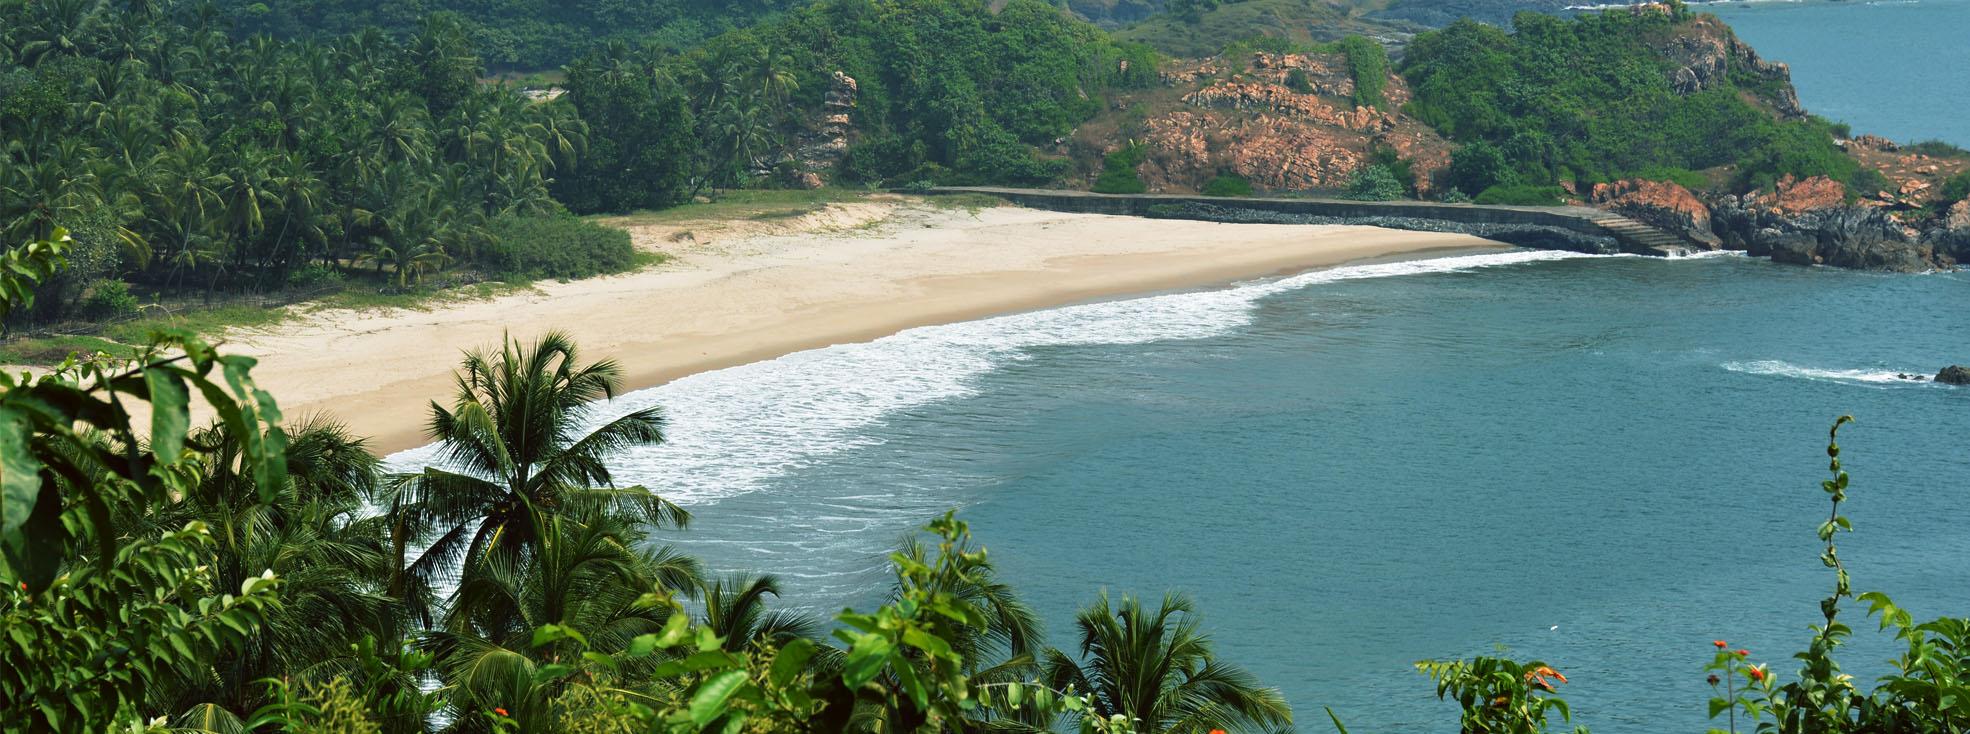 Nivati beach - Vengurla beach